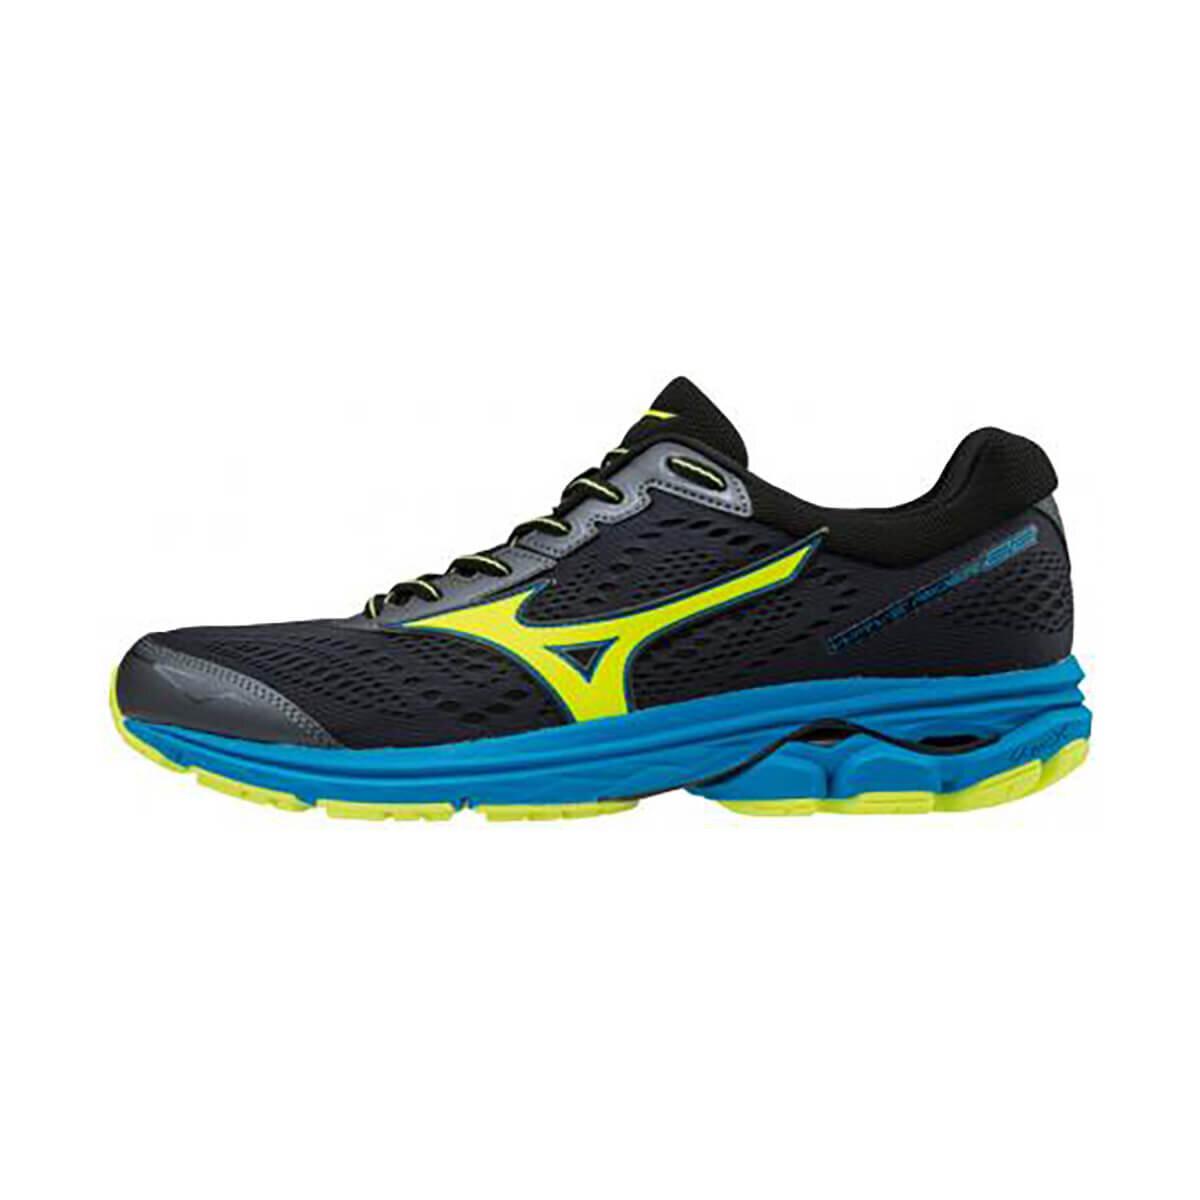 SIYAH Erkek Koşu Ayakkabısı J1GC18314585Z